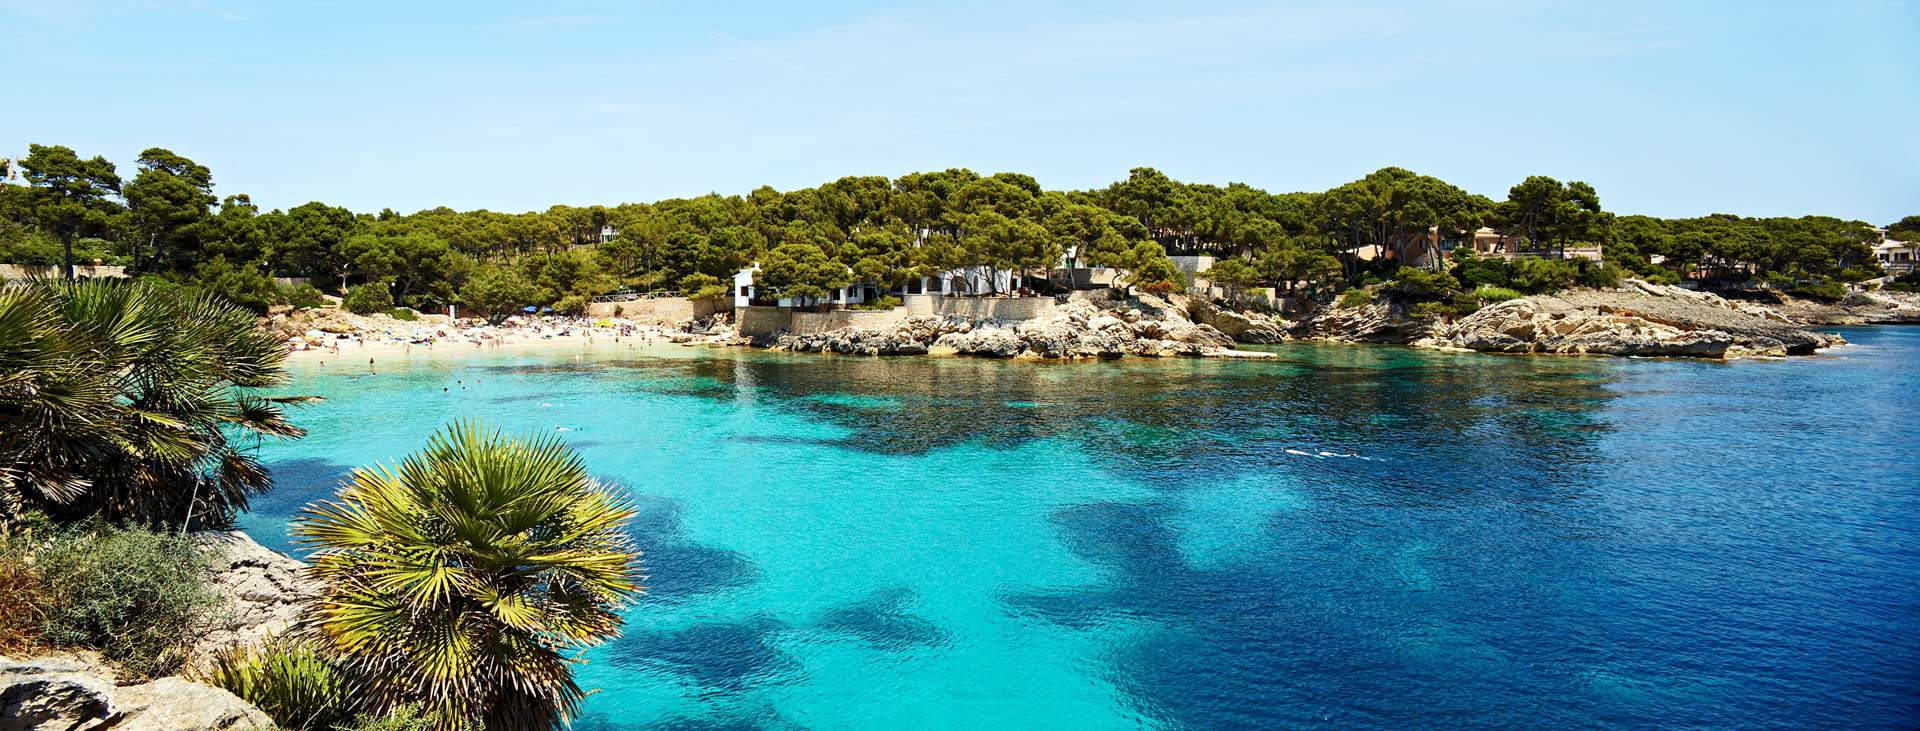 Boka en resa med All Inclusive till Cala Ratjada på Mallorca